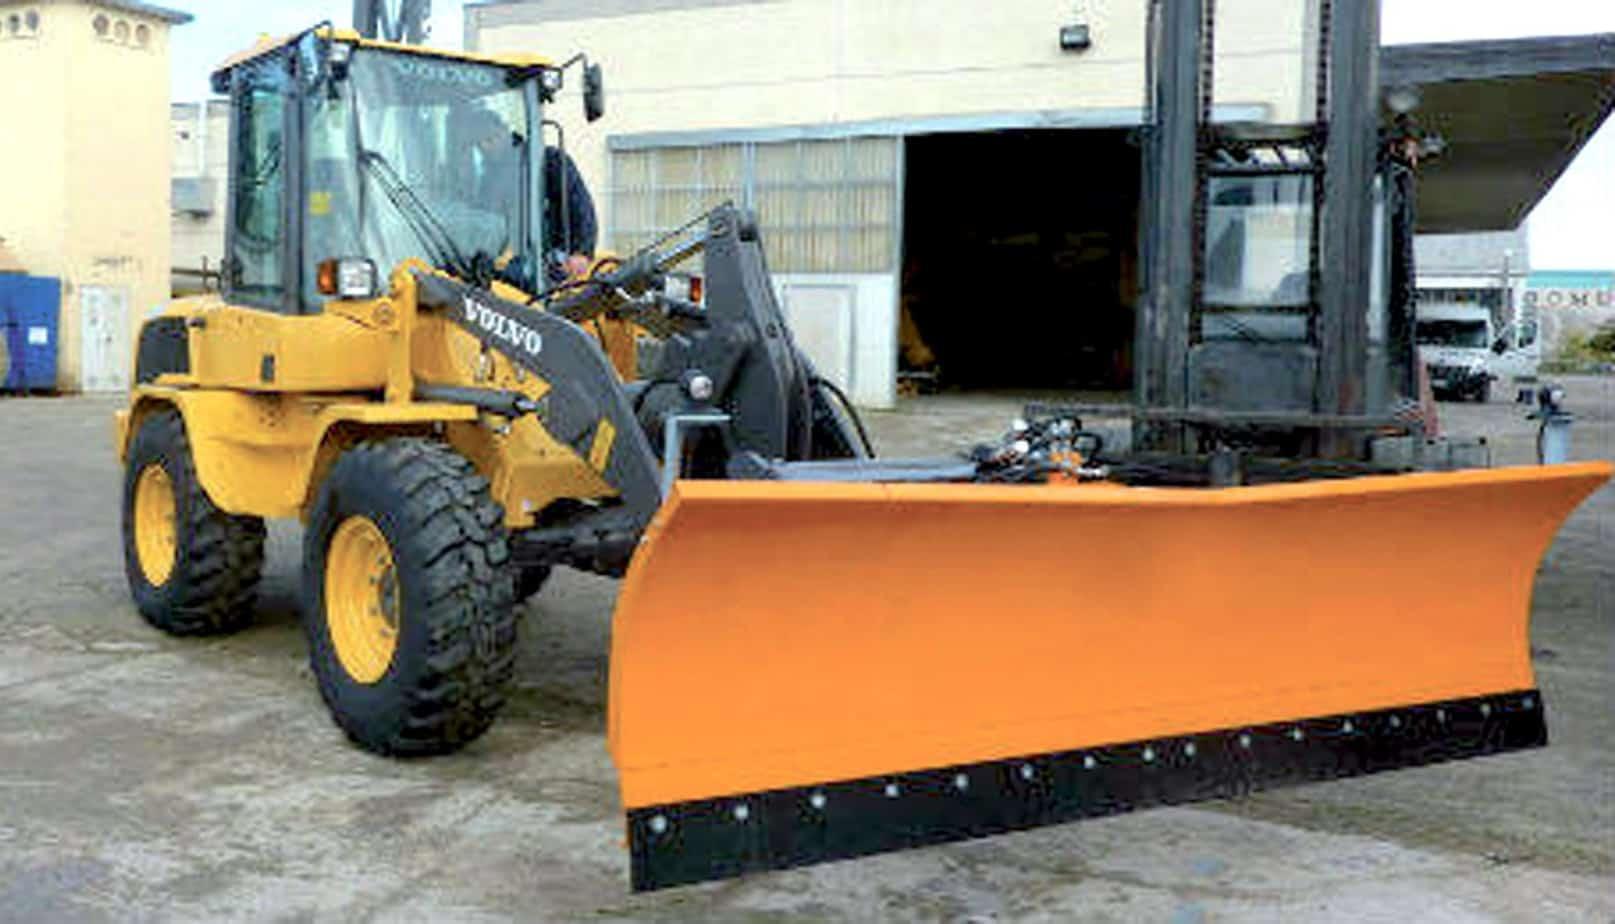 Con l'impiego della giusta attrezzatura queste macchine offrono elevata agilità e versatilità per un'ampia varietà di applicazioni